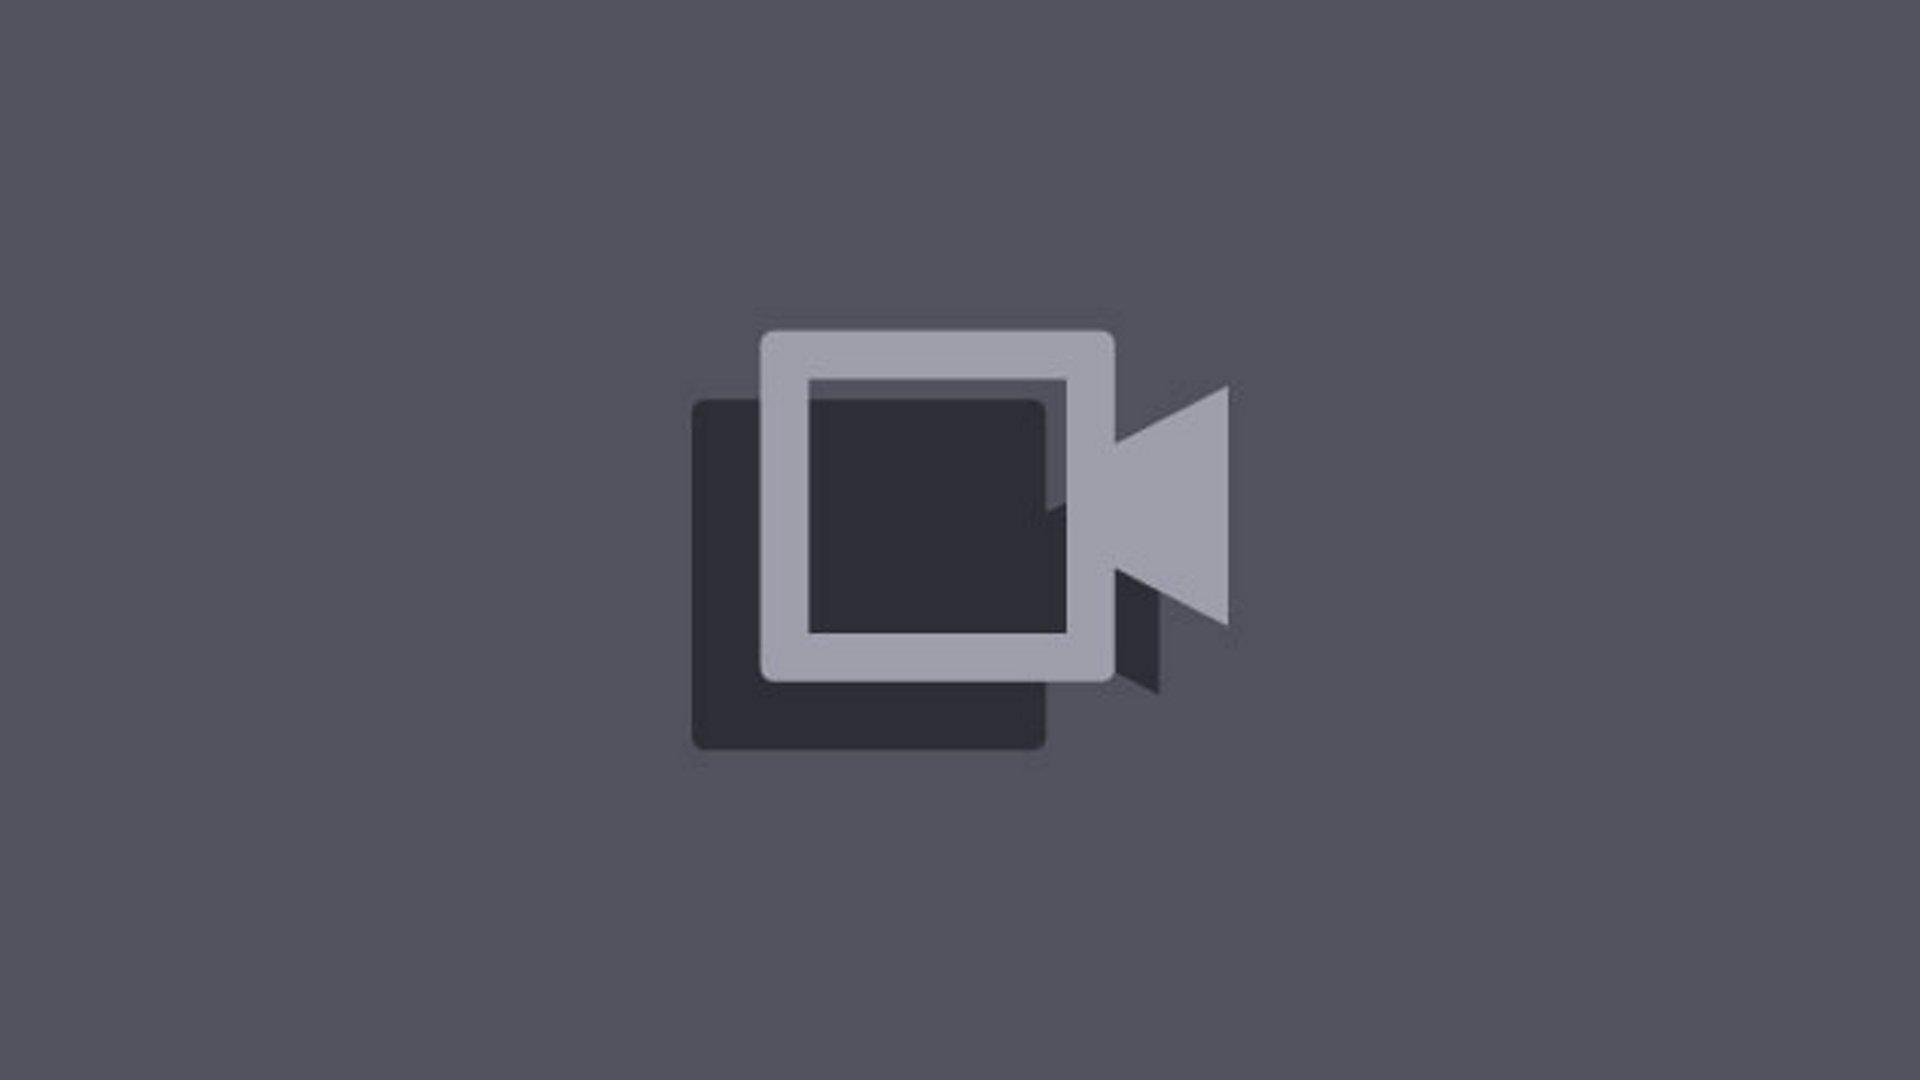 MasterEcko's twitch stream